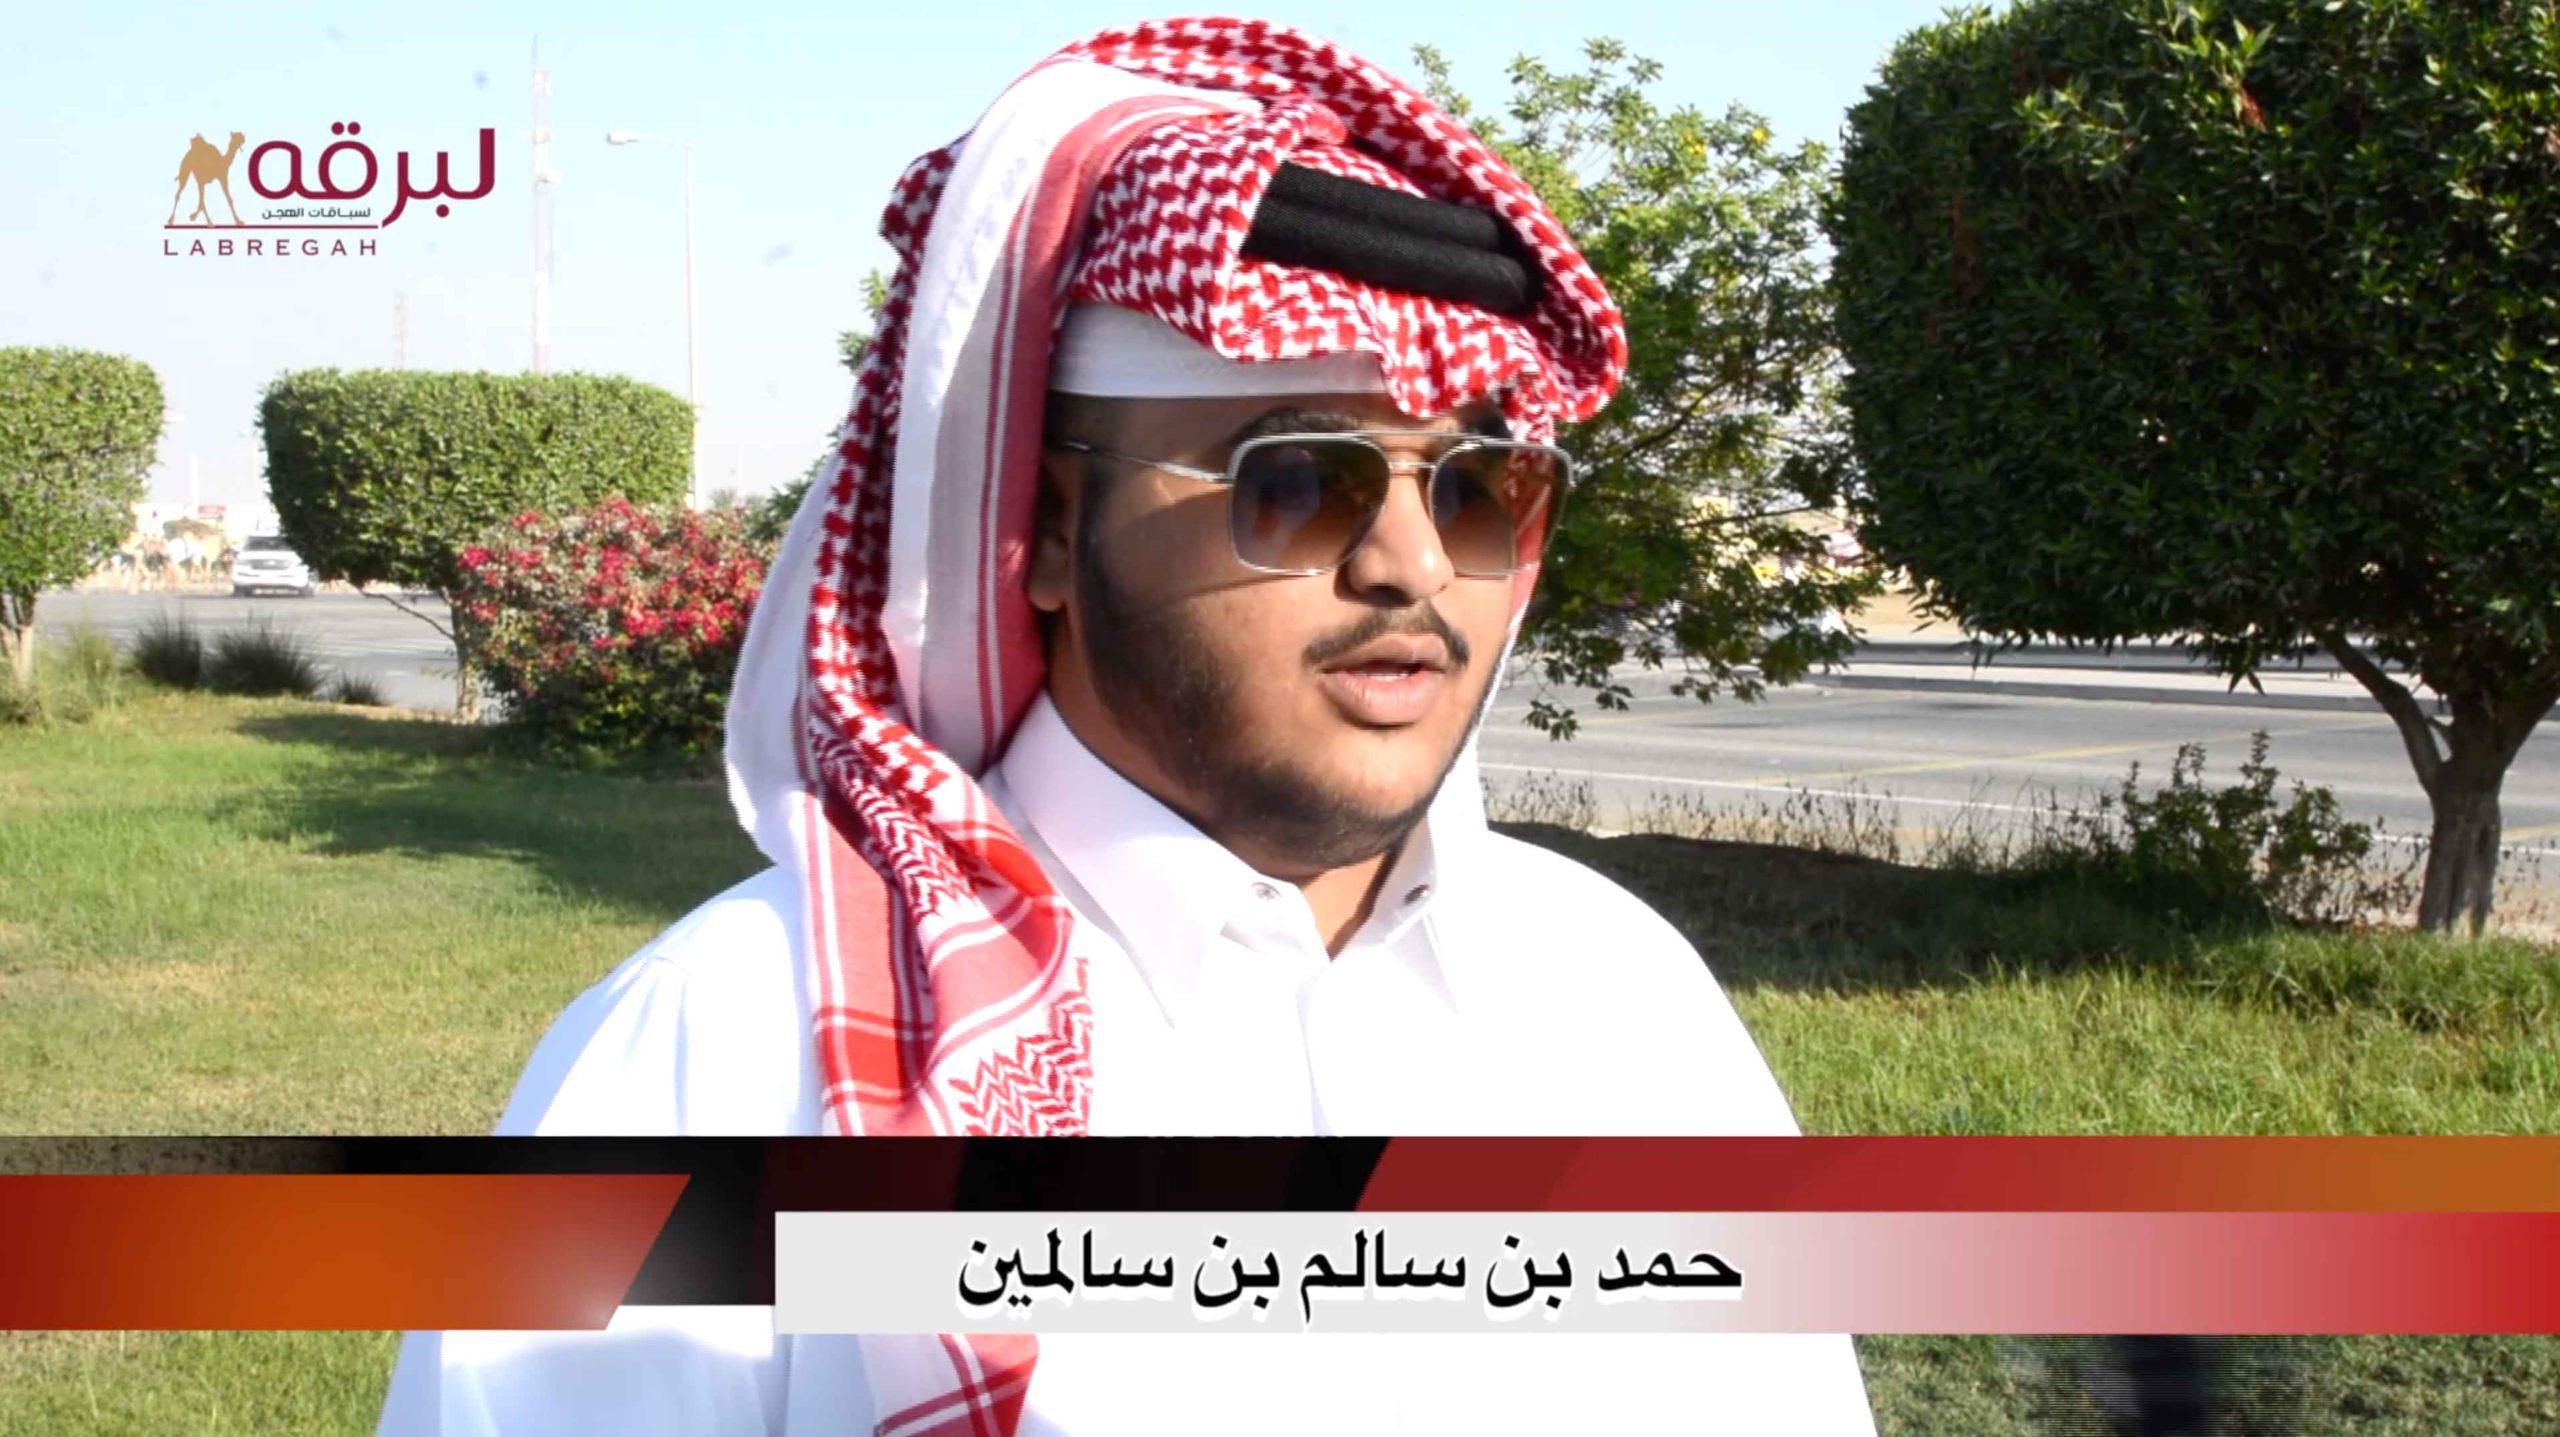 لقاء مع حمد بن سالم بن سالمين.. الشوط الرئيسي للثنايا بكار إنتاج الأشواط العامة  ٢٩-١٠-٢٠٢٠